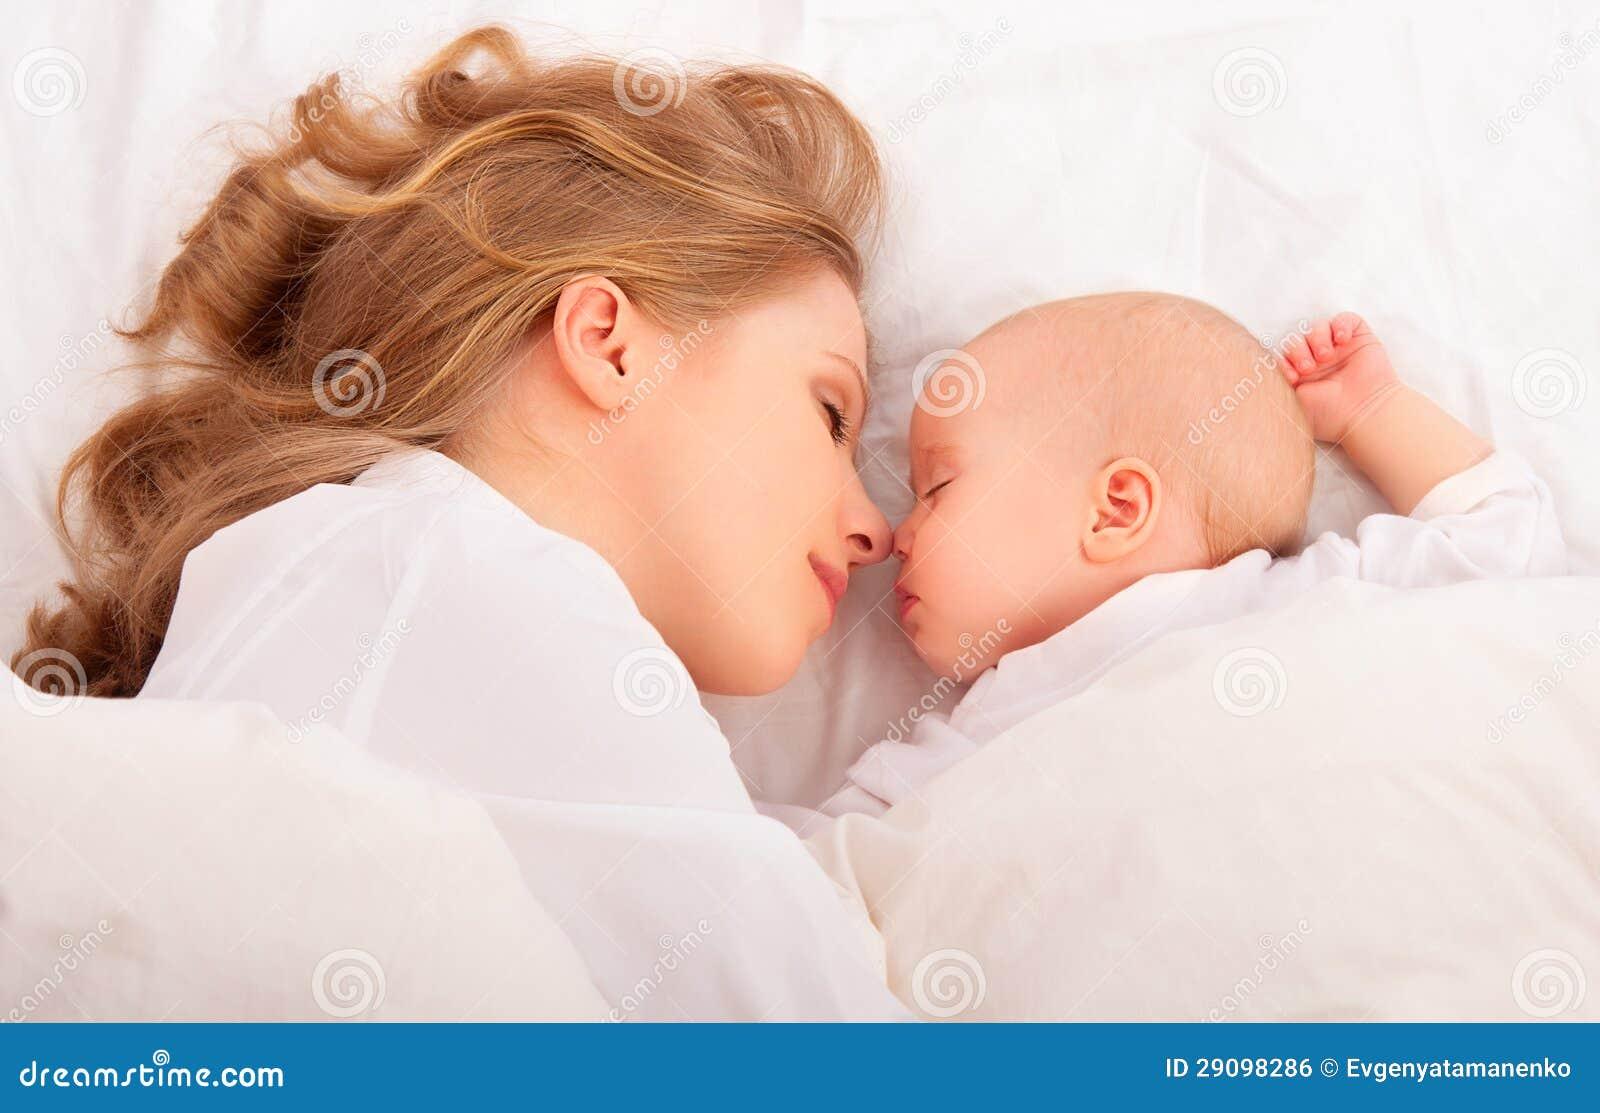 Спать совместно. мать обнимает newborn младенца в кровати